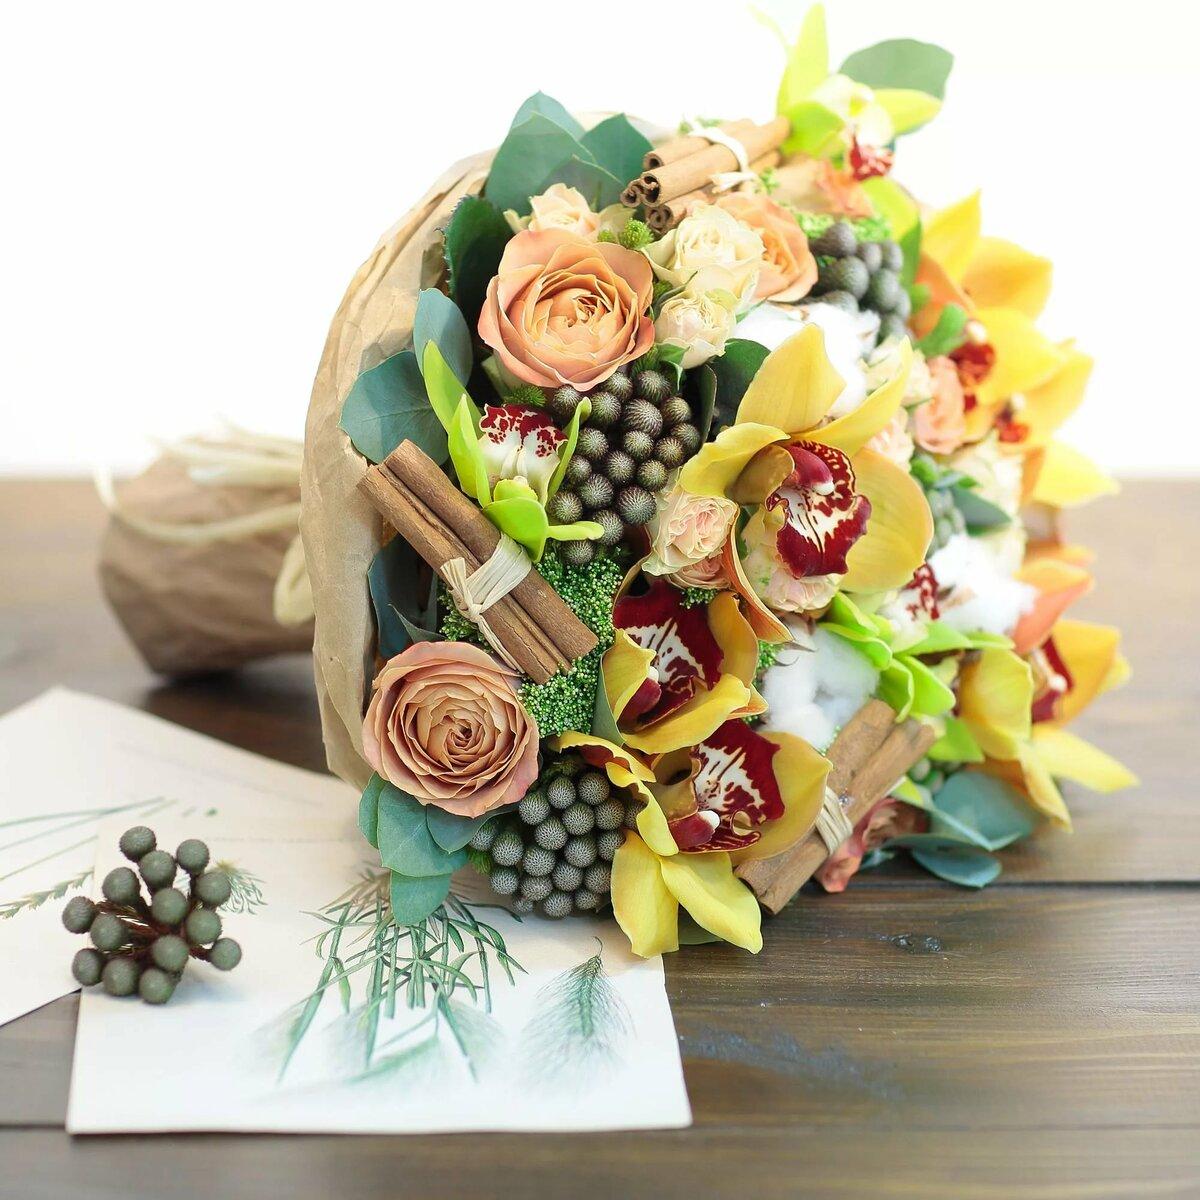 Букеты цветов, необычные букеты на юбилей женщине